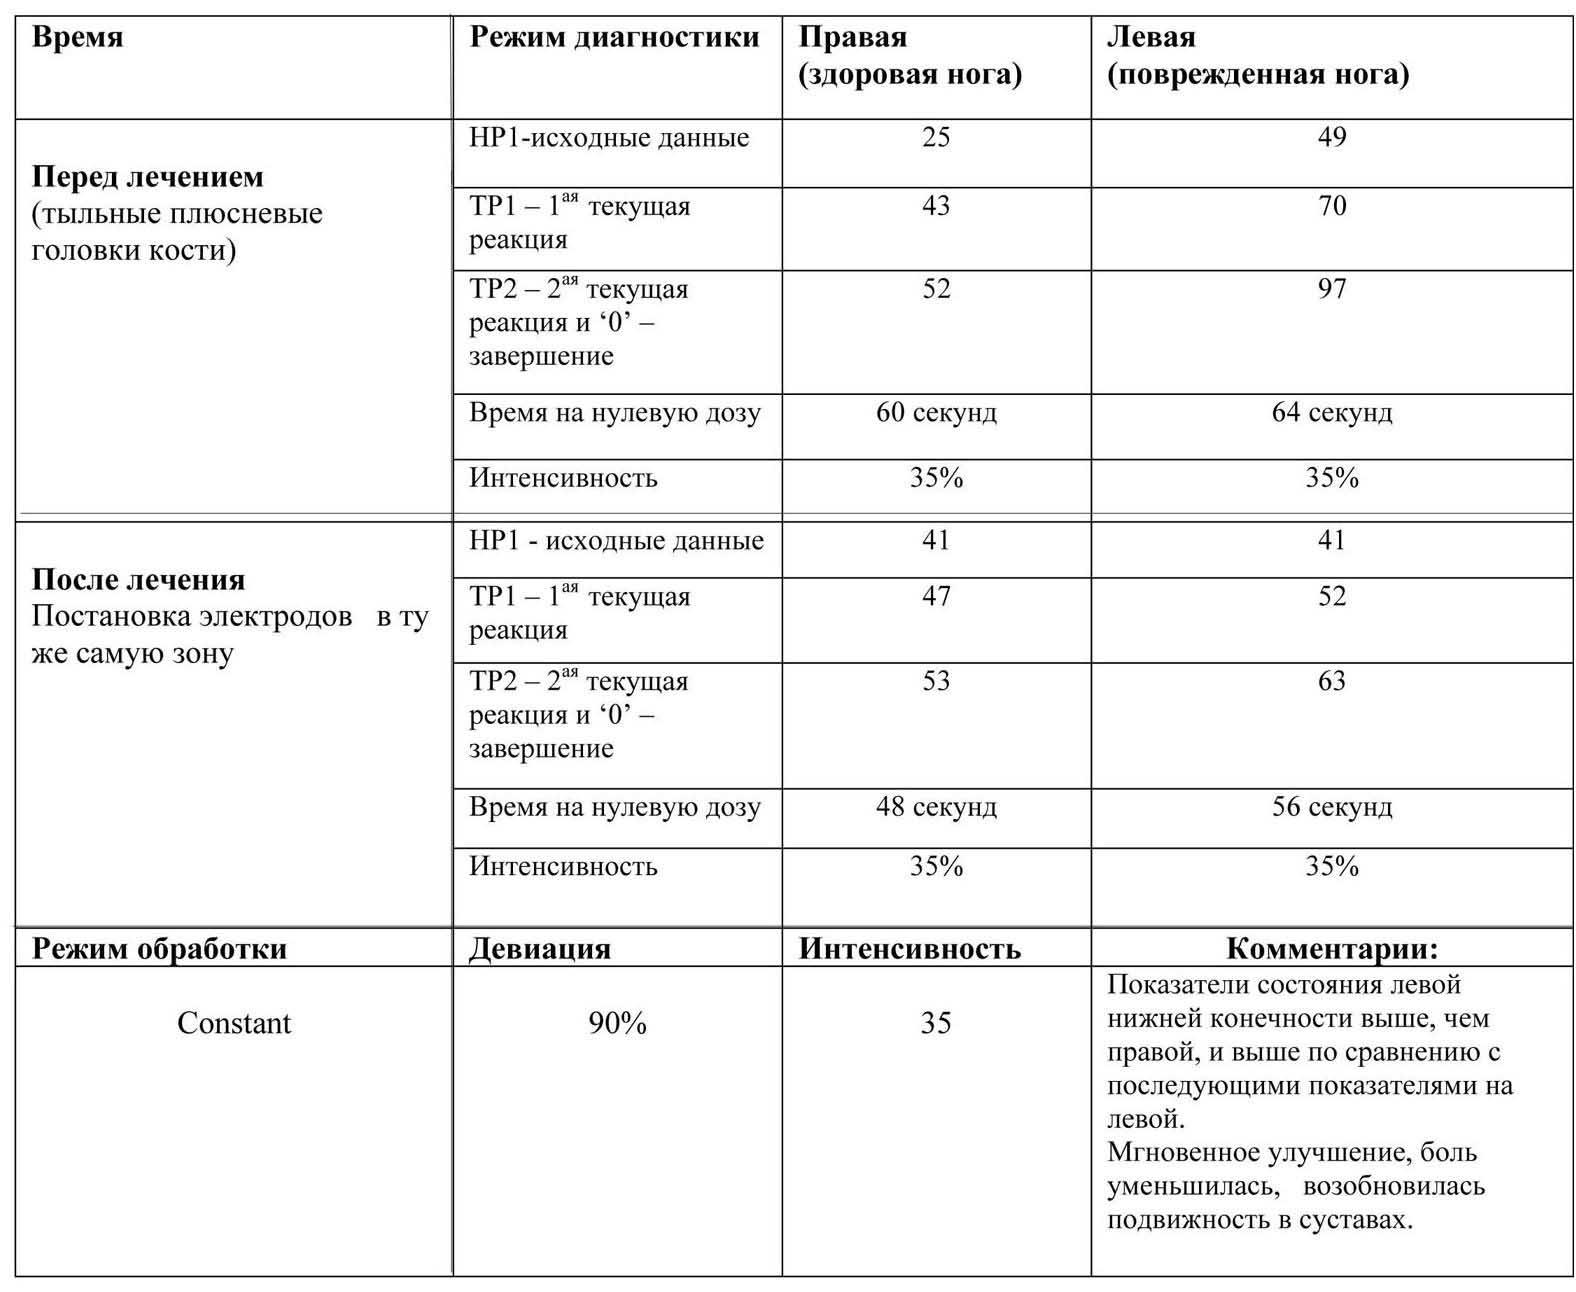 Таблица результатов лечения